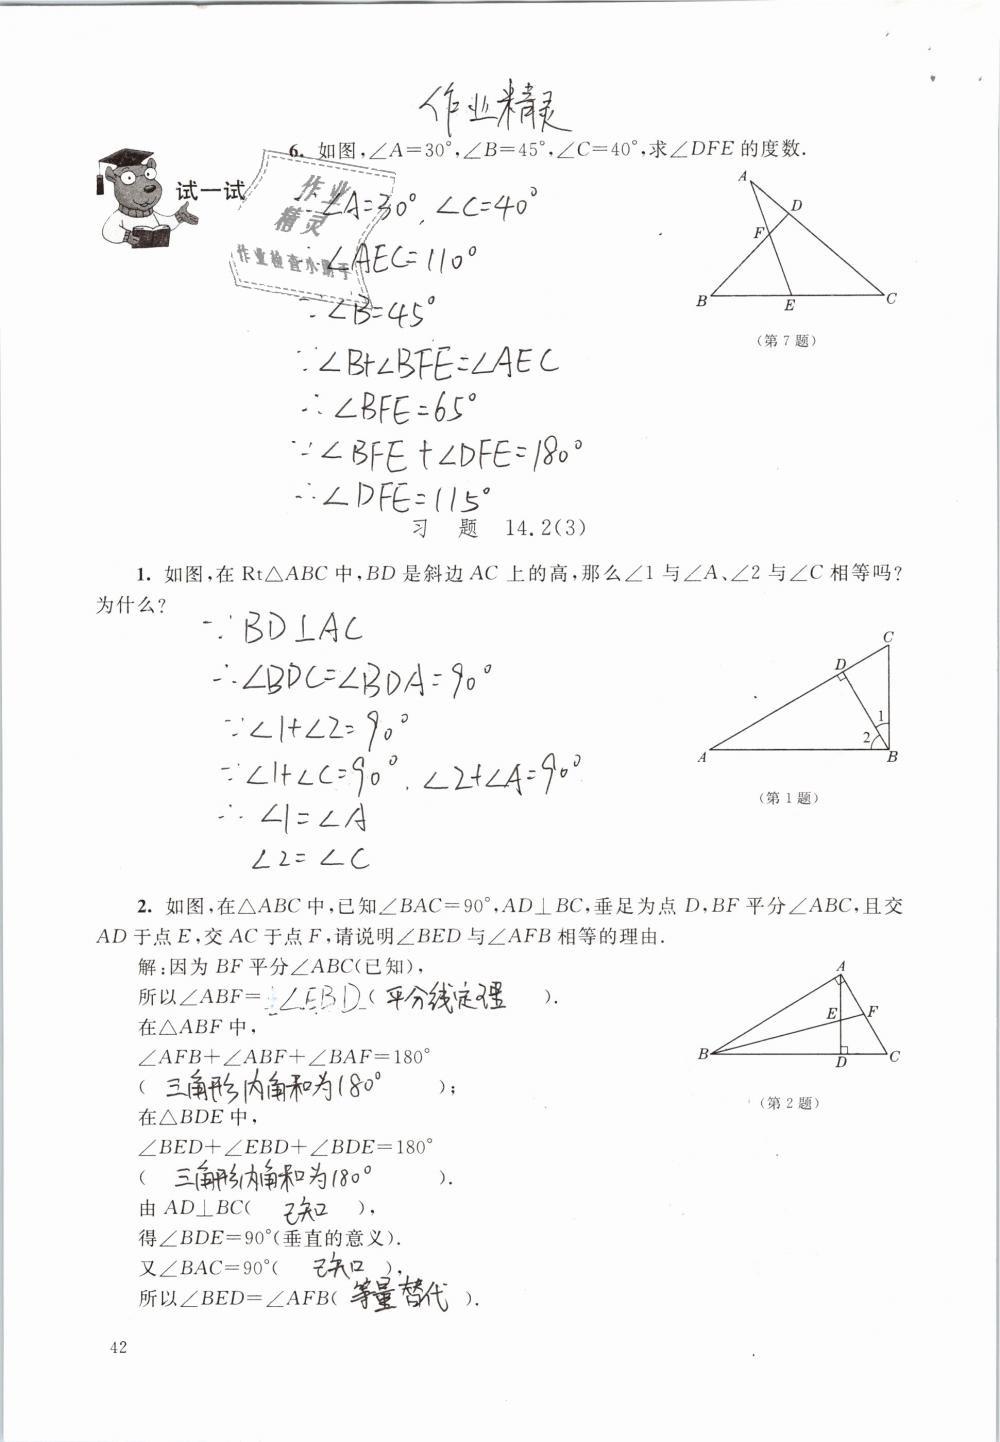 2019年数学练习部分七年级第二学期第42页